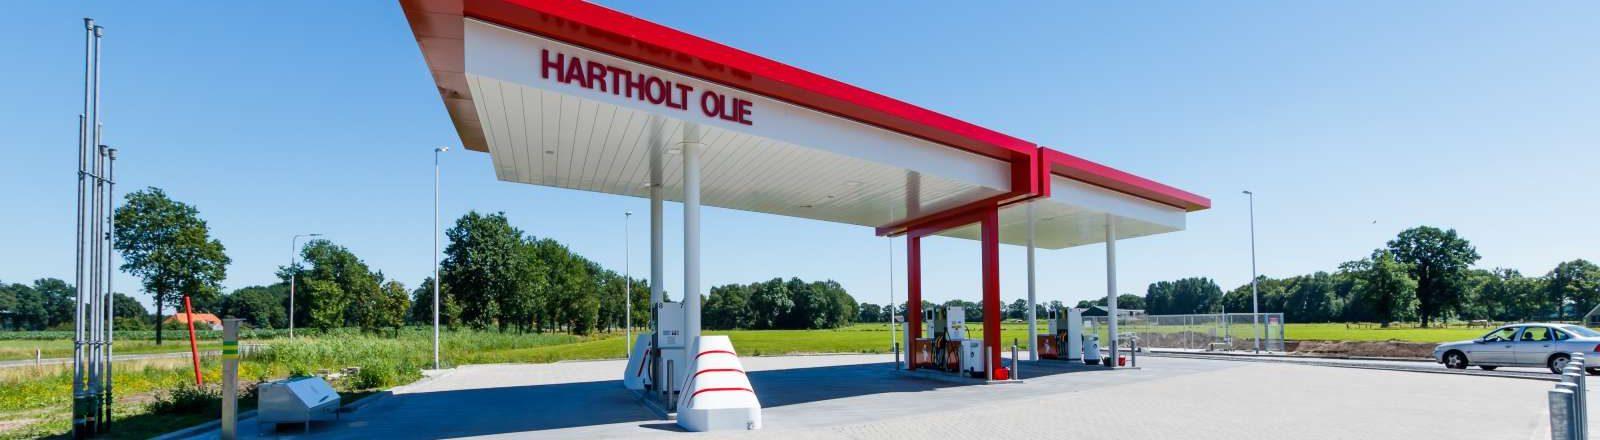 hartholt-olie-tankstation-nieuw-heeten